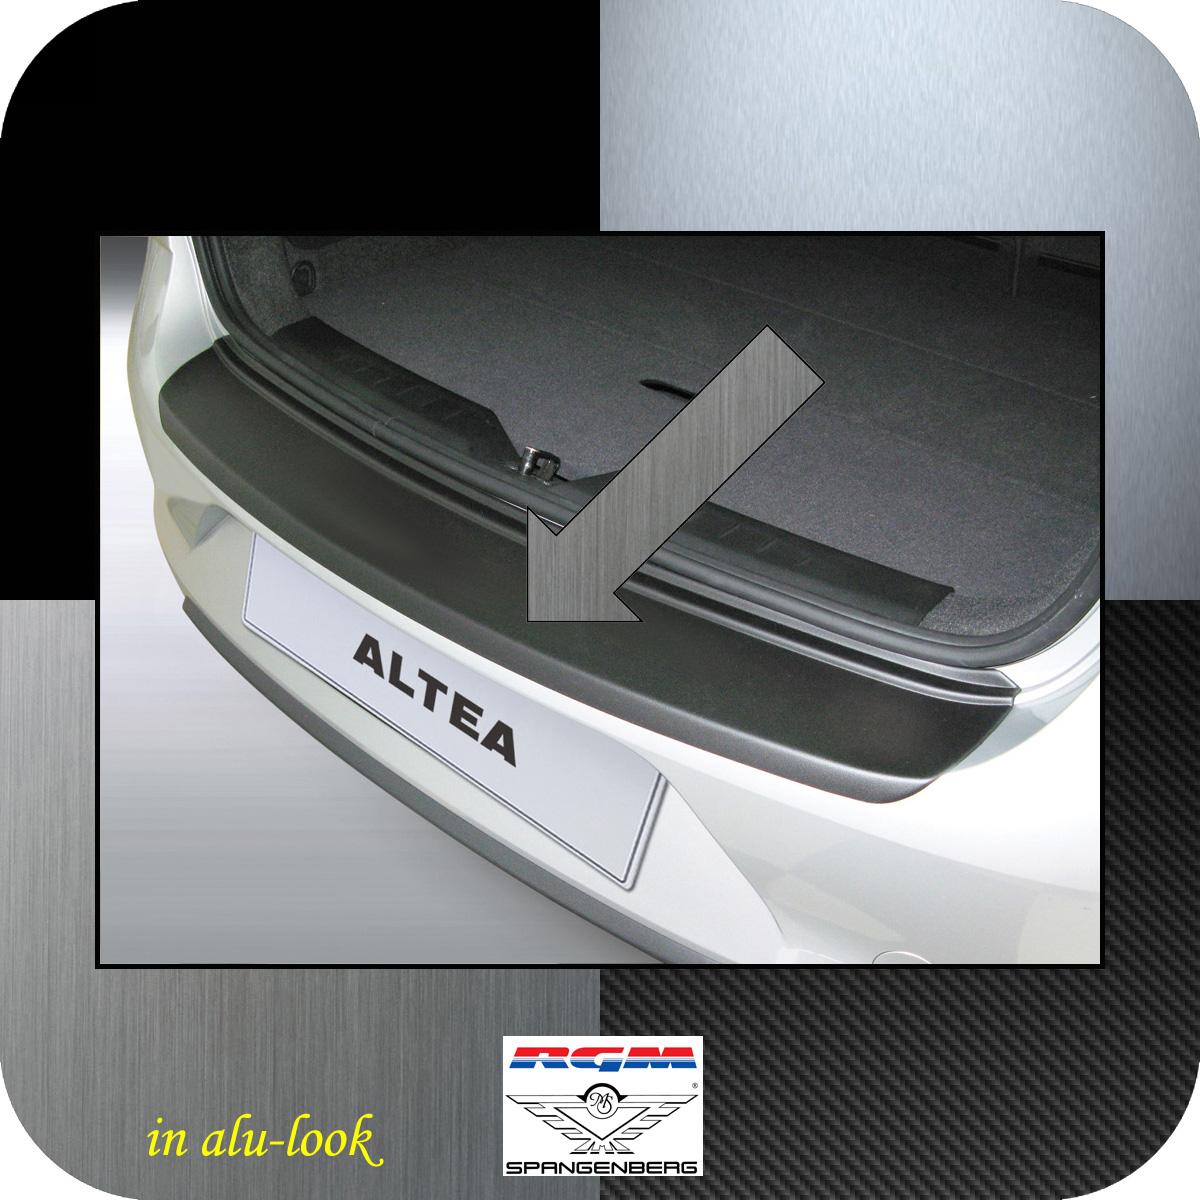 Ladekantenschutz Alu-Look Seat Altea Van Kombi ab facelift 2009-2015 3504518